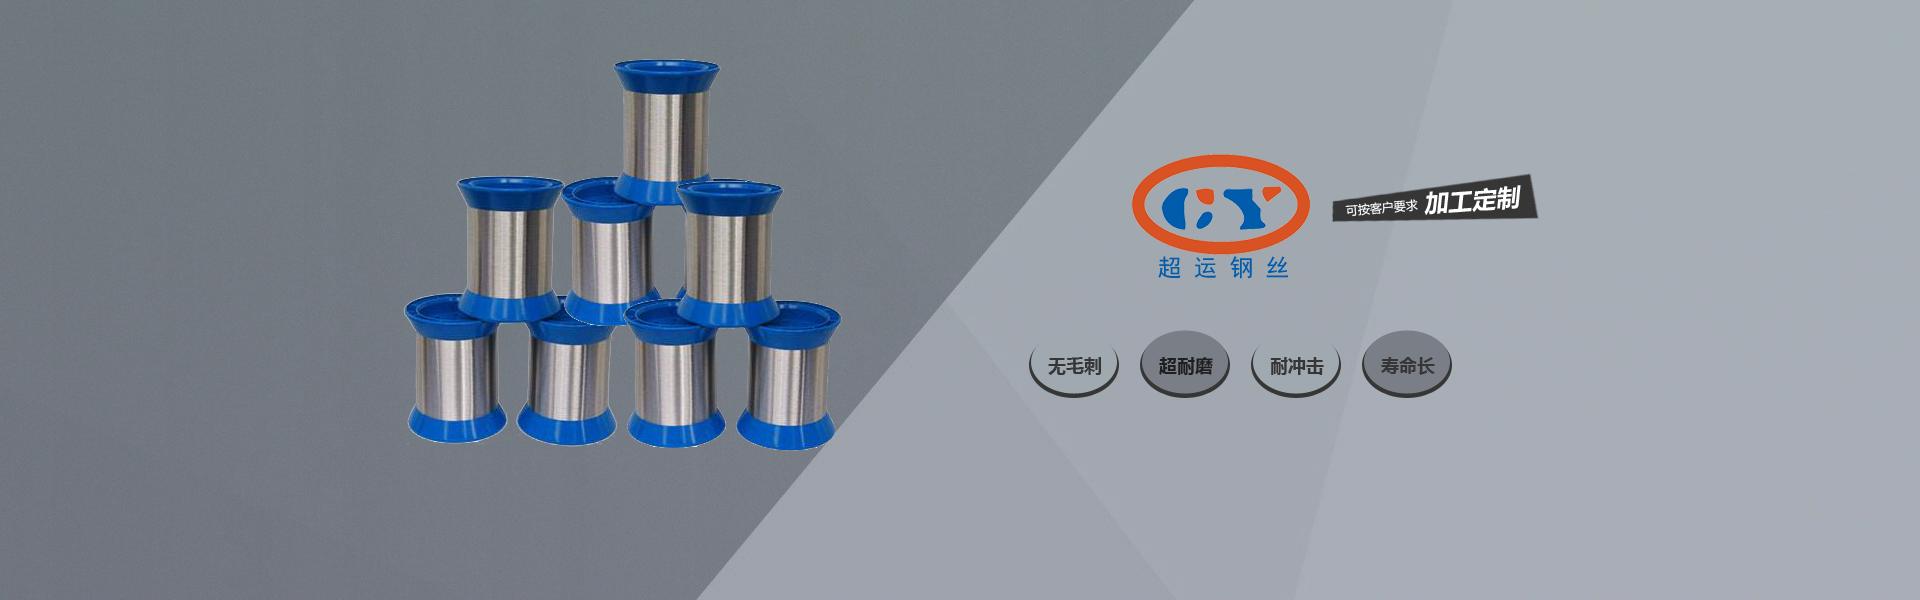 苏州超运钢丝制品有限公司